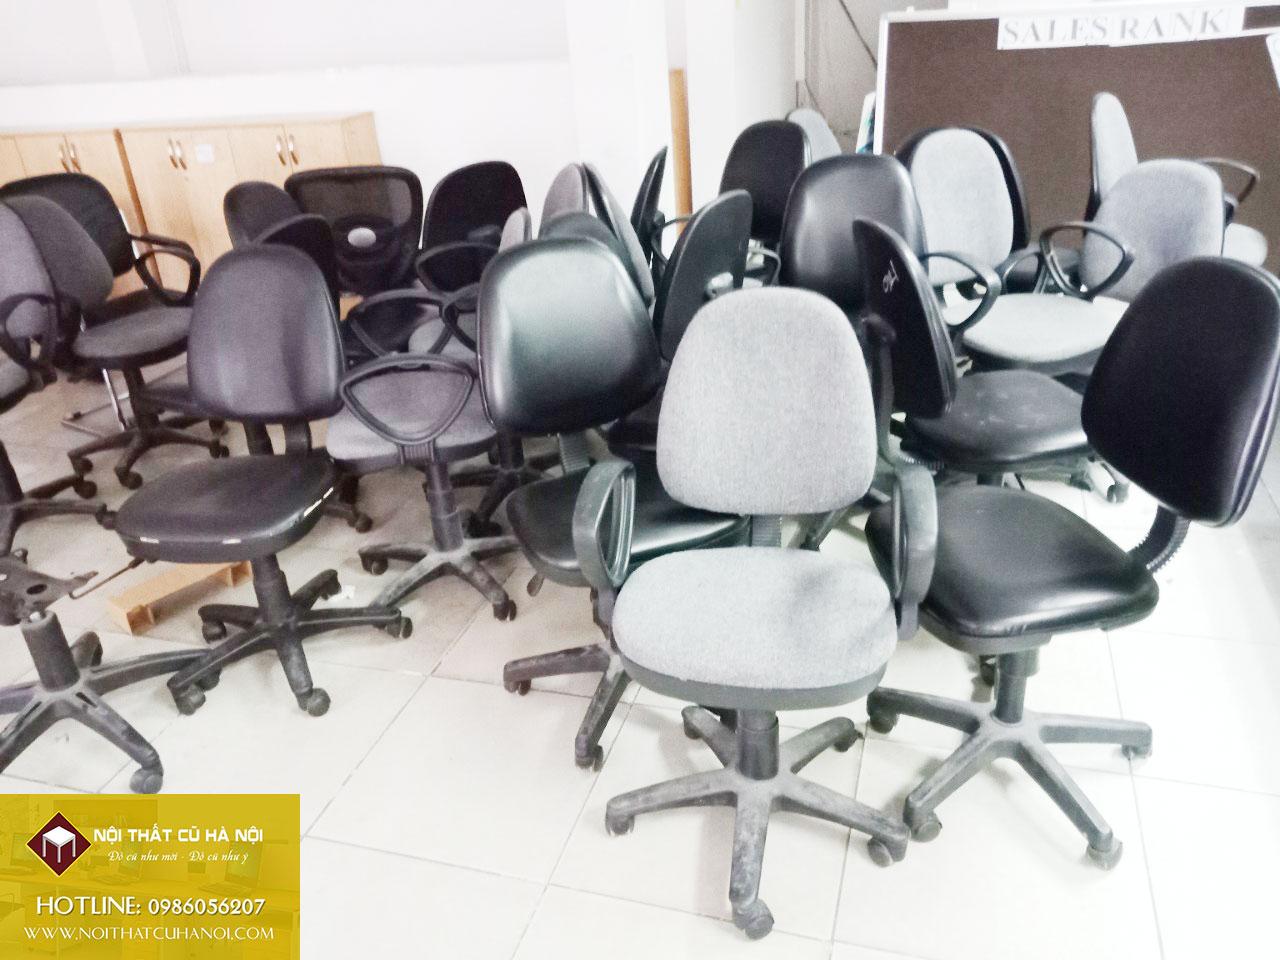 Thanh lý ghế văn phòng +1000 bộ bàn ghế giá rẻ nhất tại Hà Nội